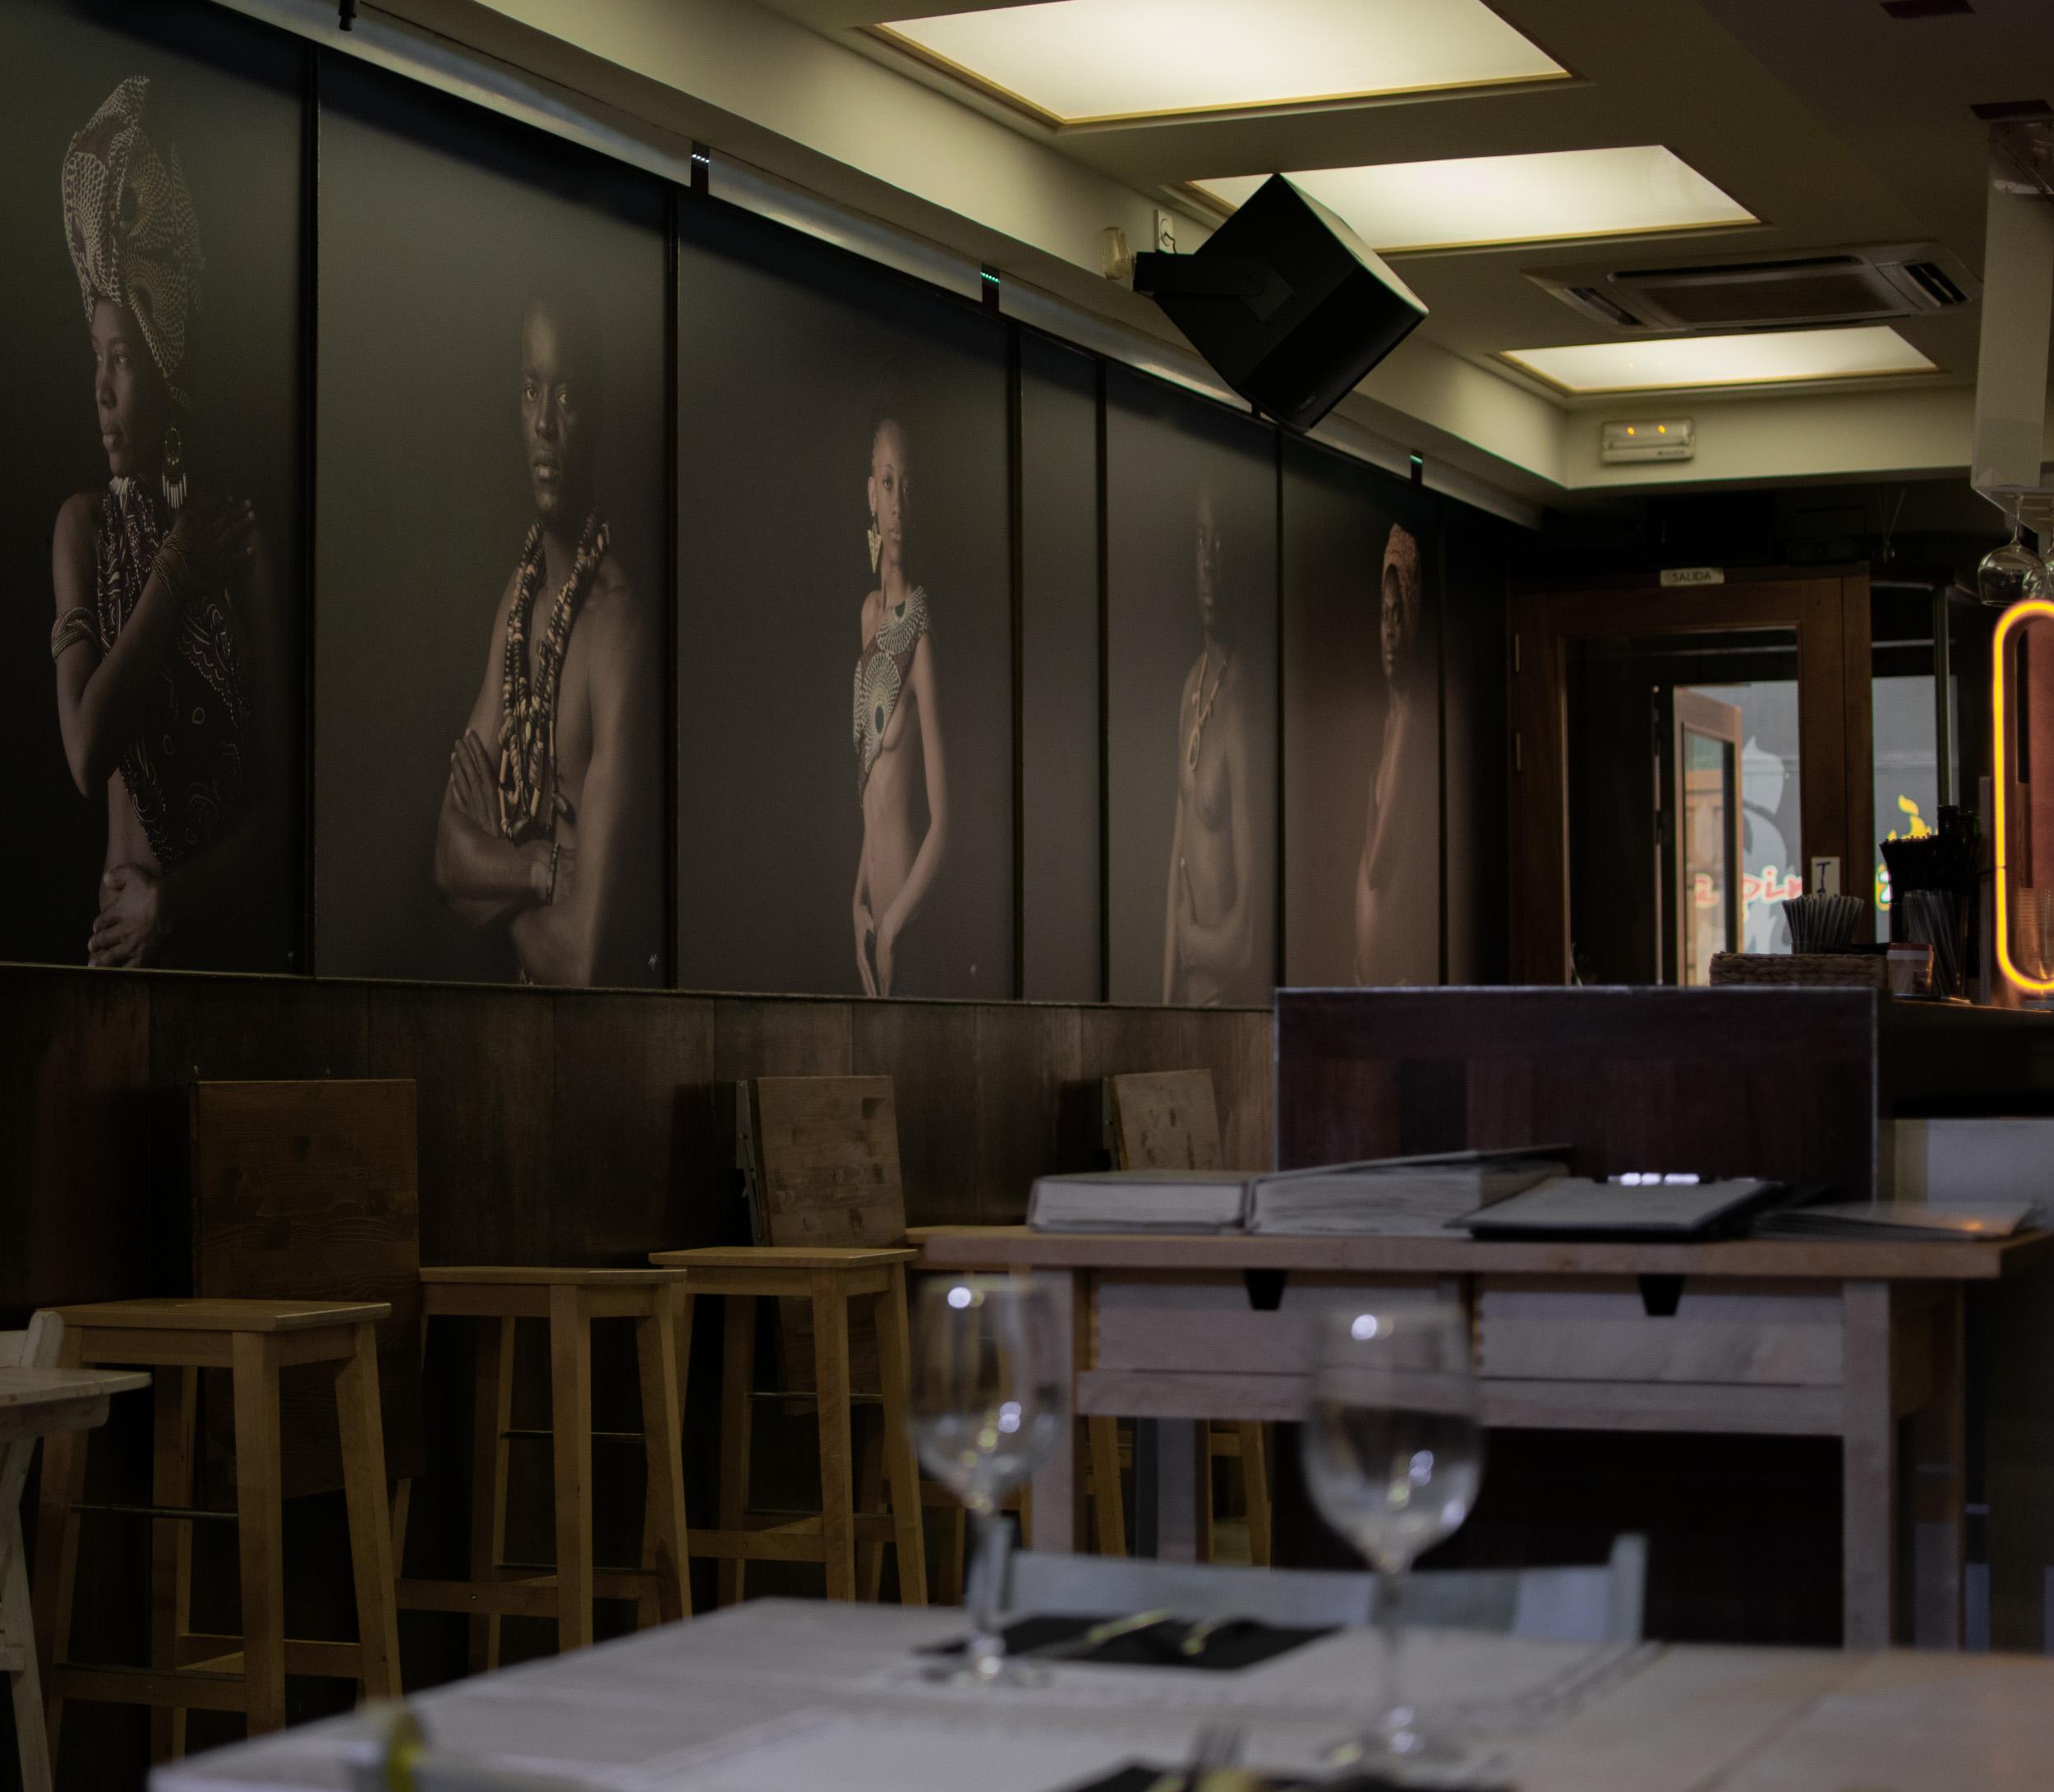 Restaurant in Vitoria Gasteiz